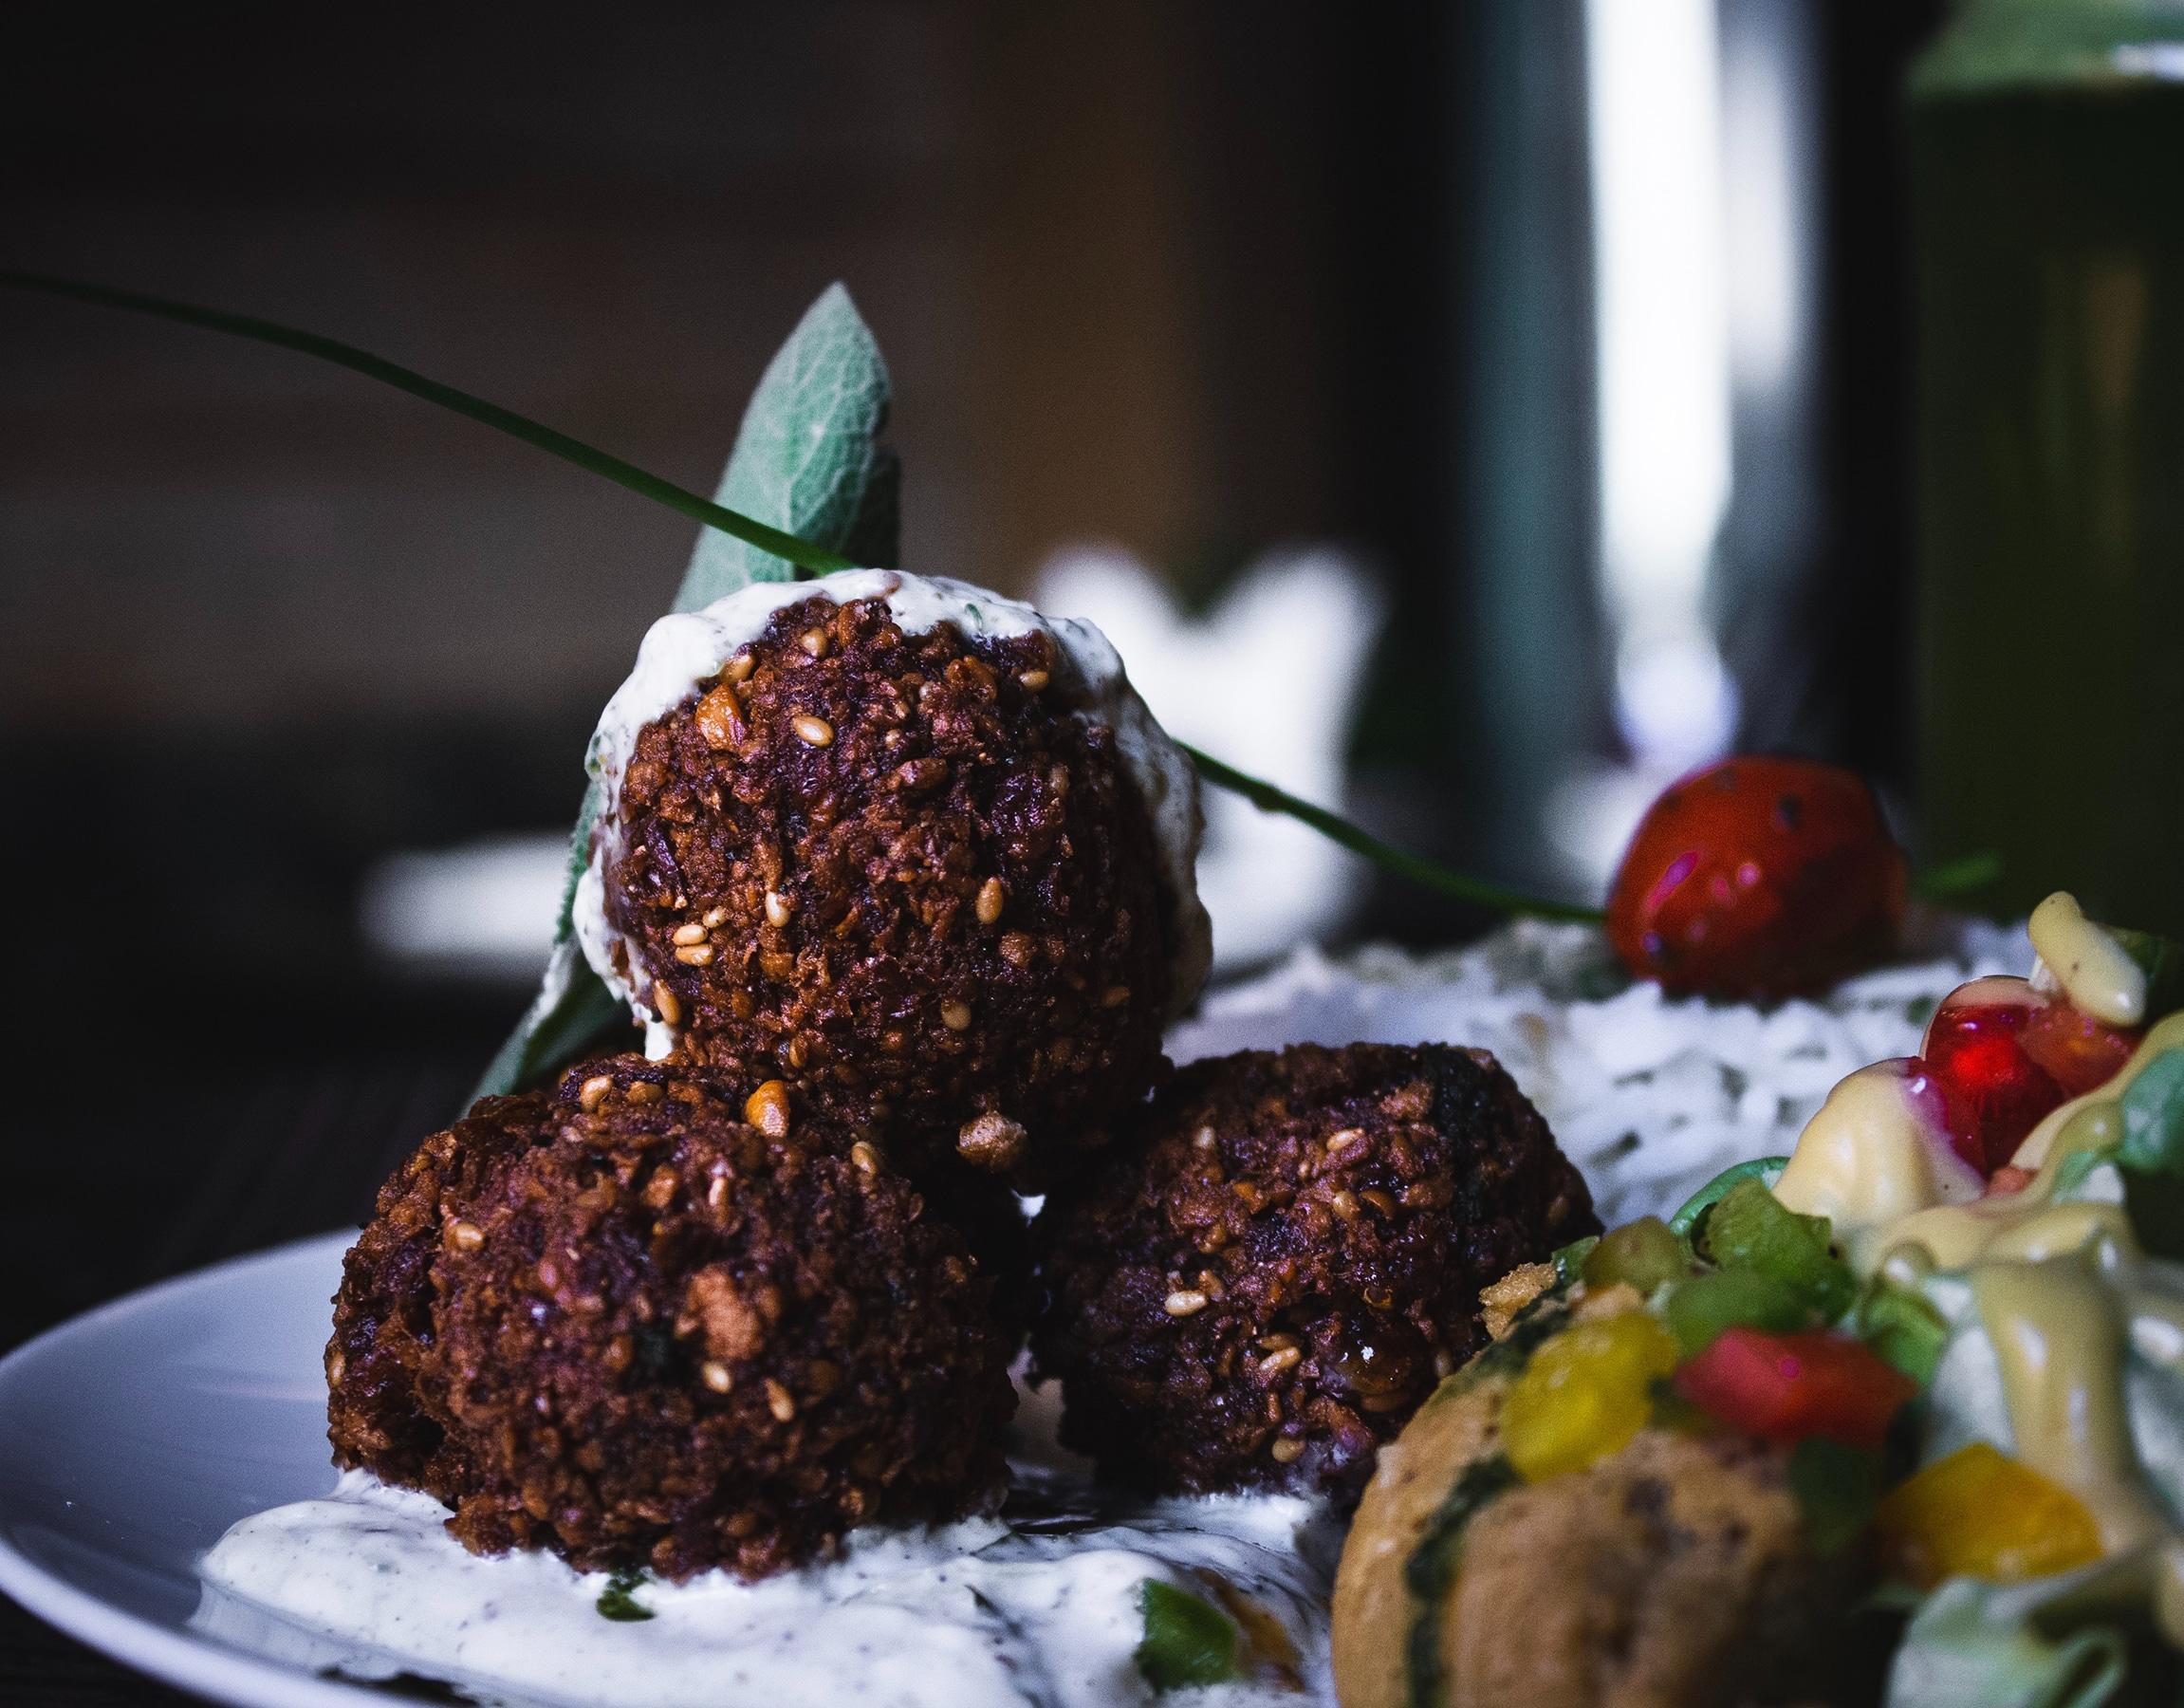 Falafel, courtesy of the writer, Yasmine Dalloul